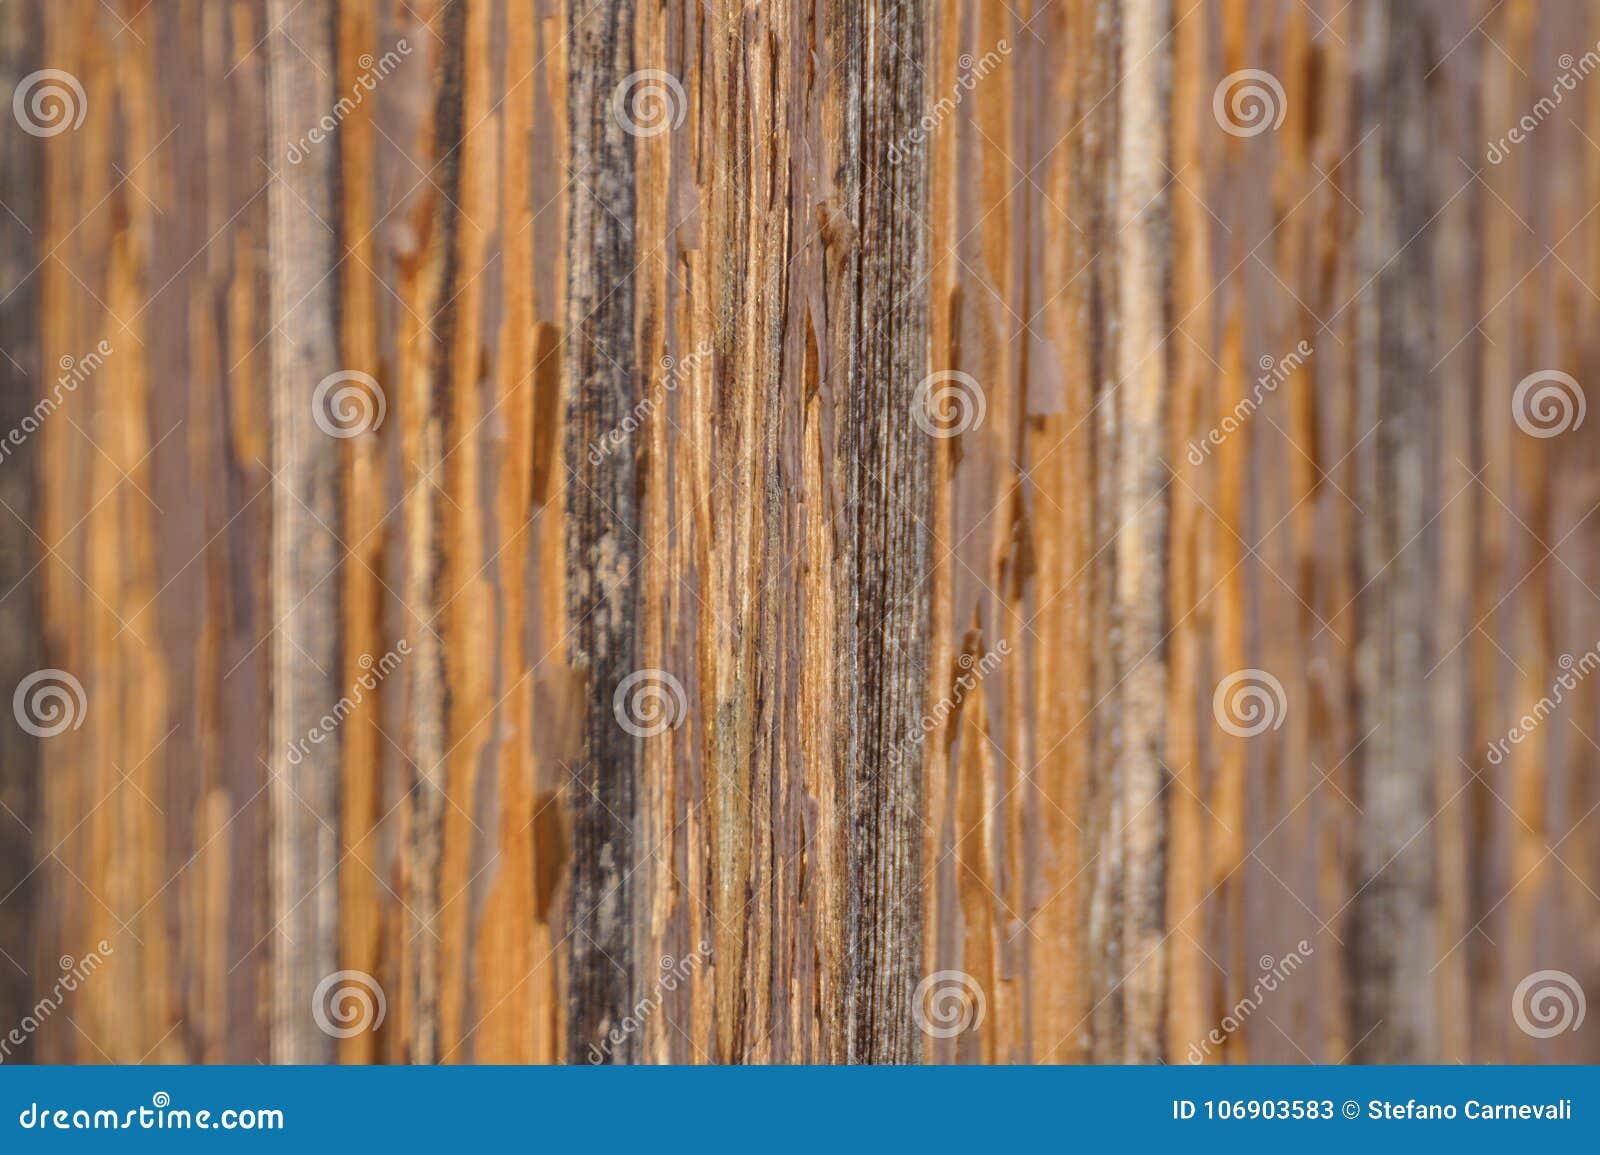 Zamyka up drewniany jetty drewniana deska dla spaceru Selekcyjna ostrość